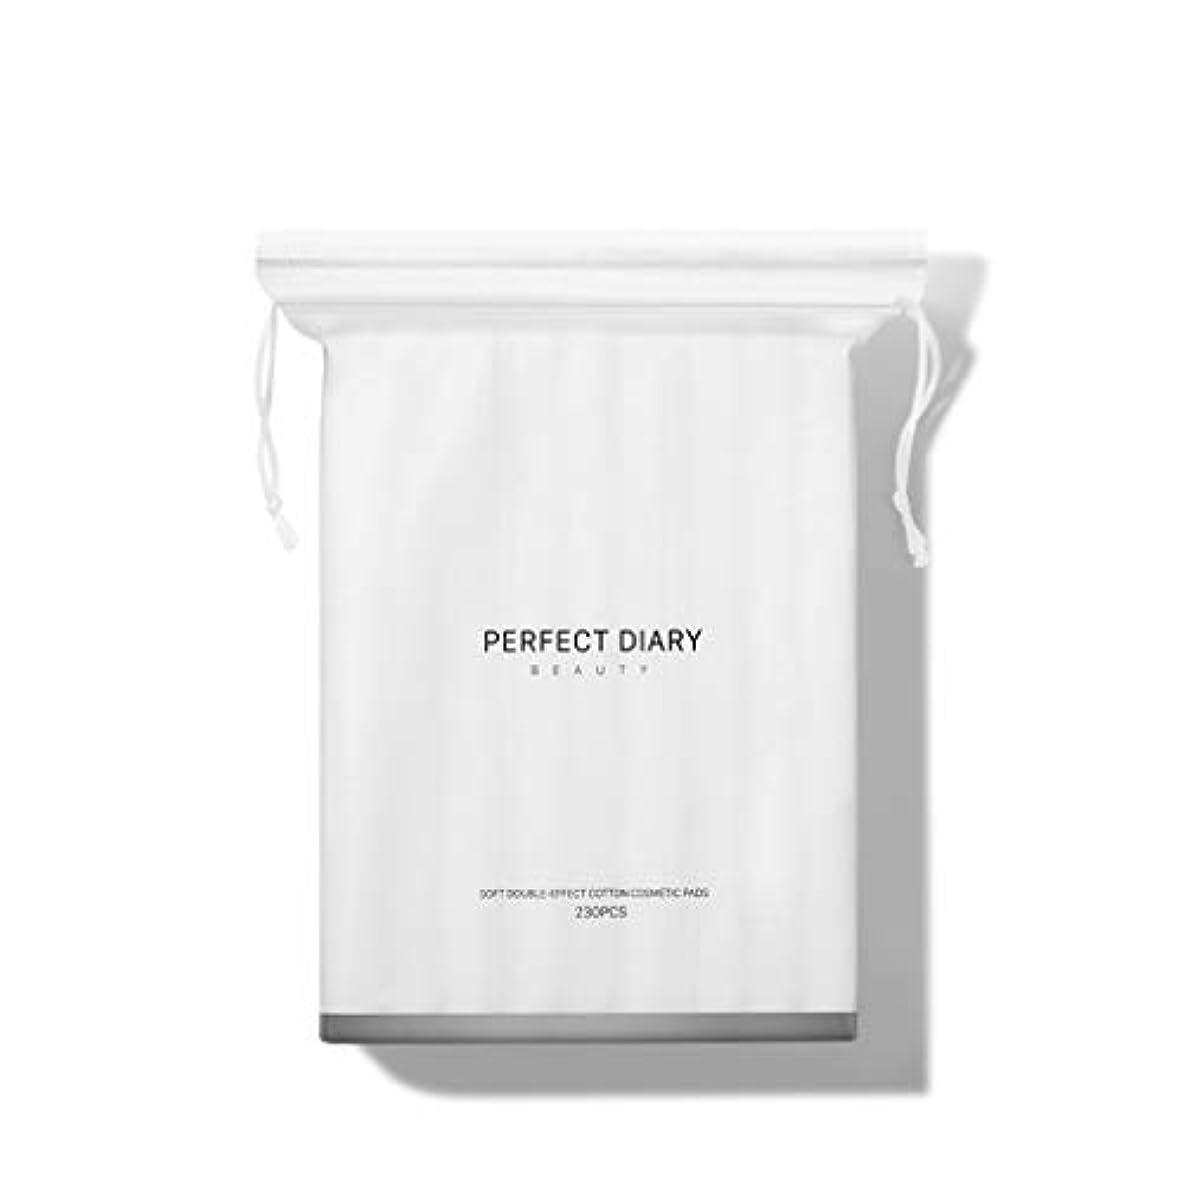 口述おんどり小麦クレンジングシート メイクアップコットンリムーバーコットンリムーバーフェイシャルウェットコンプレッサースペシャルメイク落とし箱入りハイドレイティングスペシャルフェイス (Color : White)